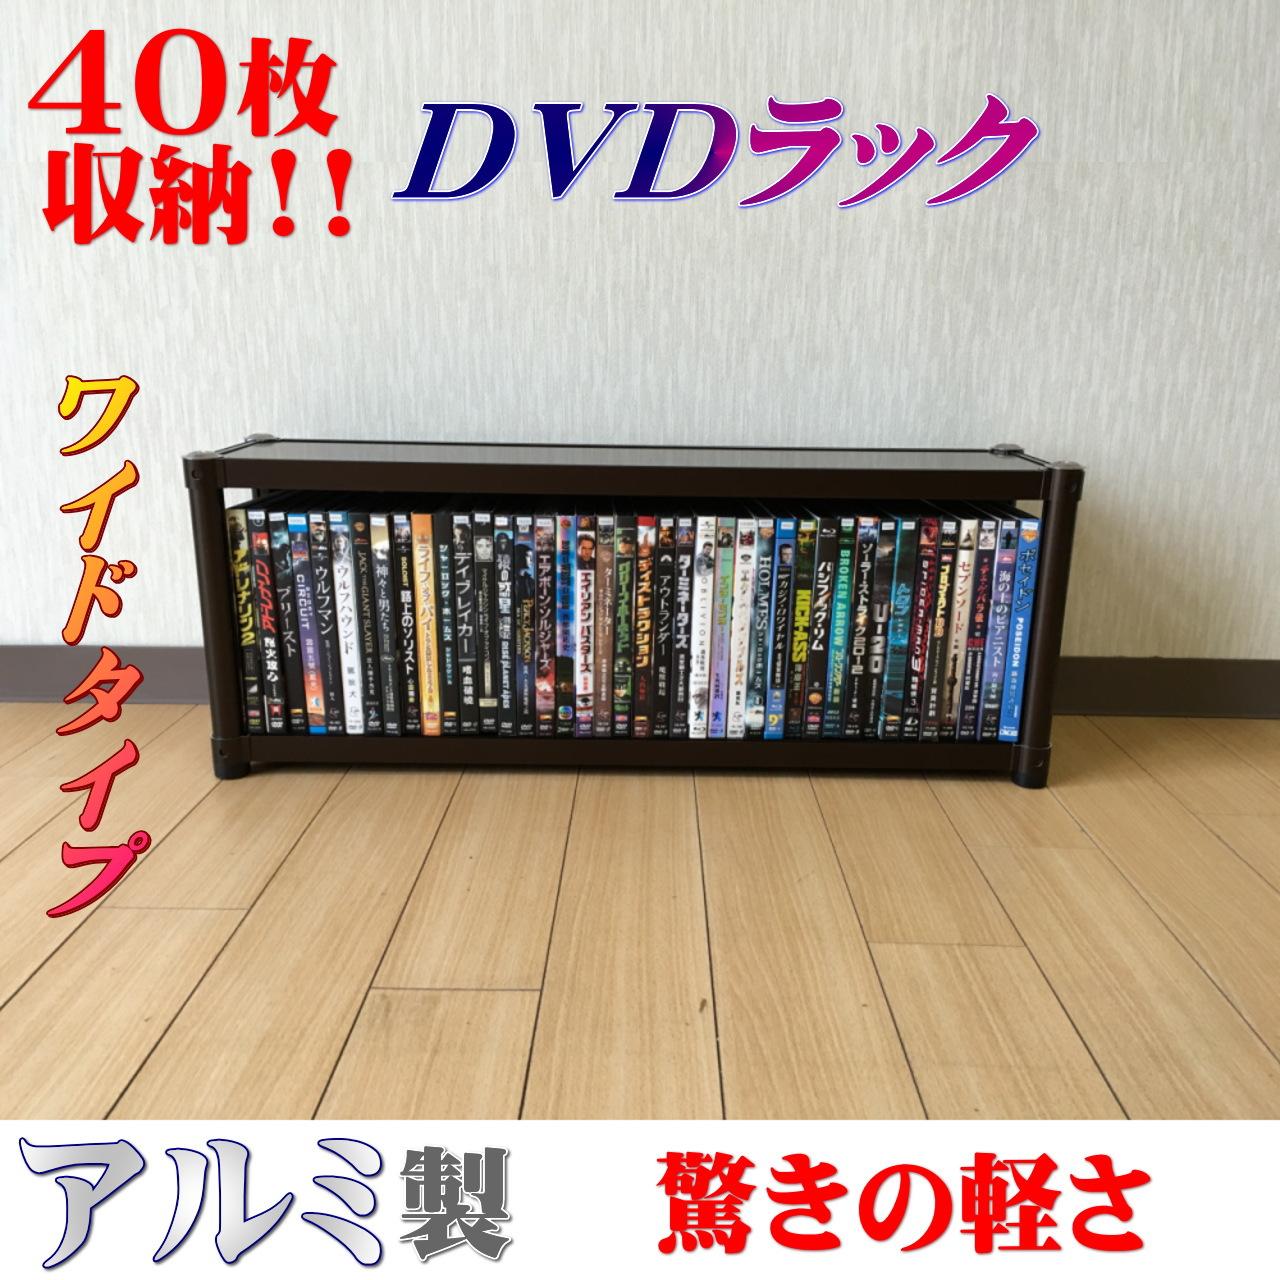 40本収納DVDラック(アルミ製)ワイドタイプ